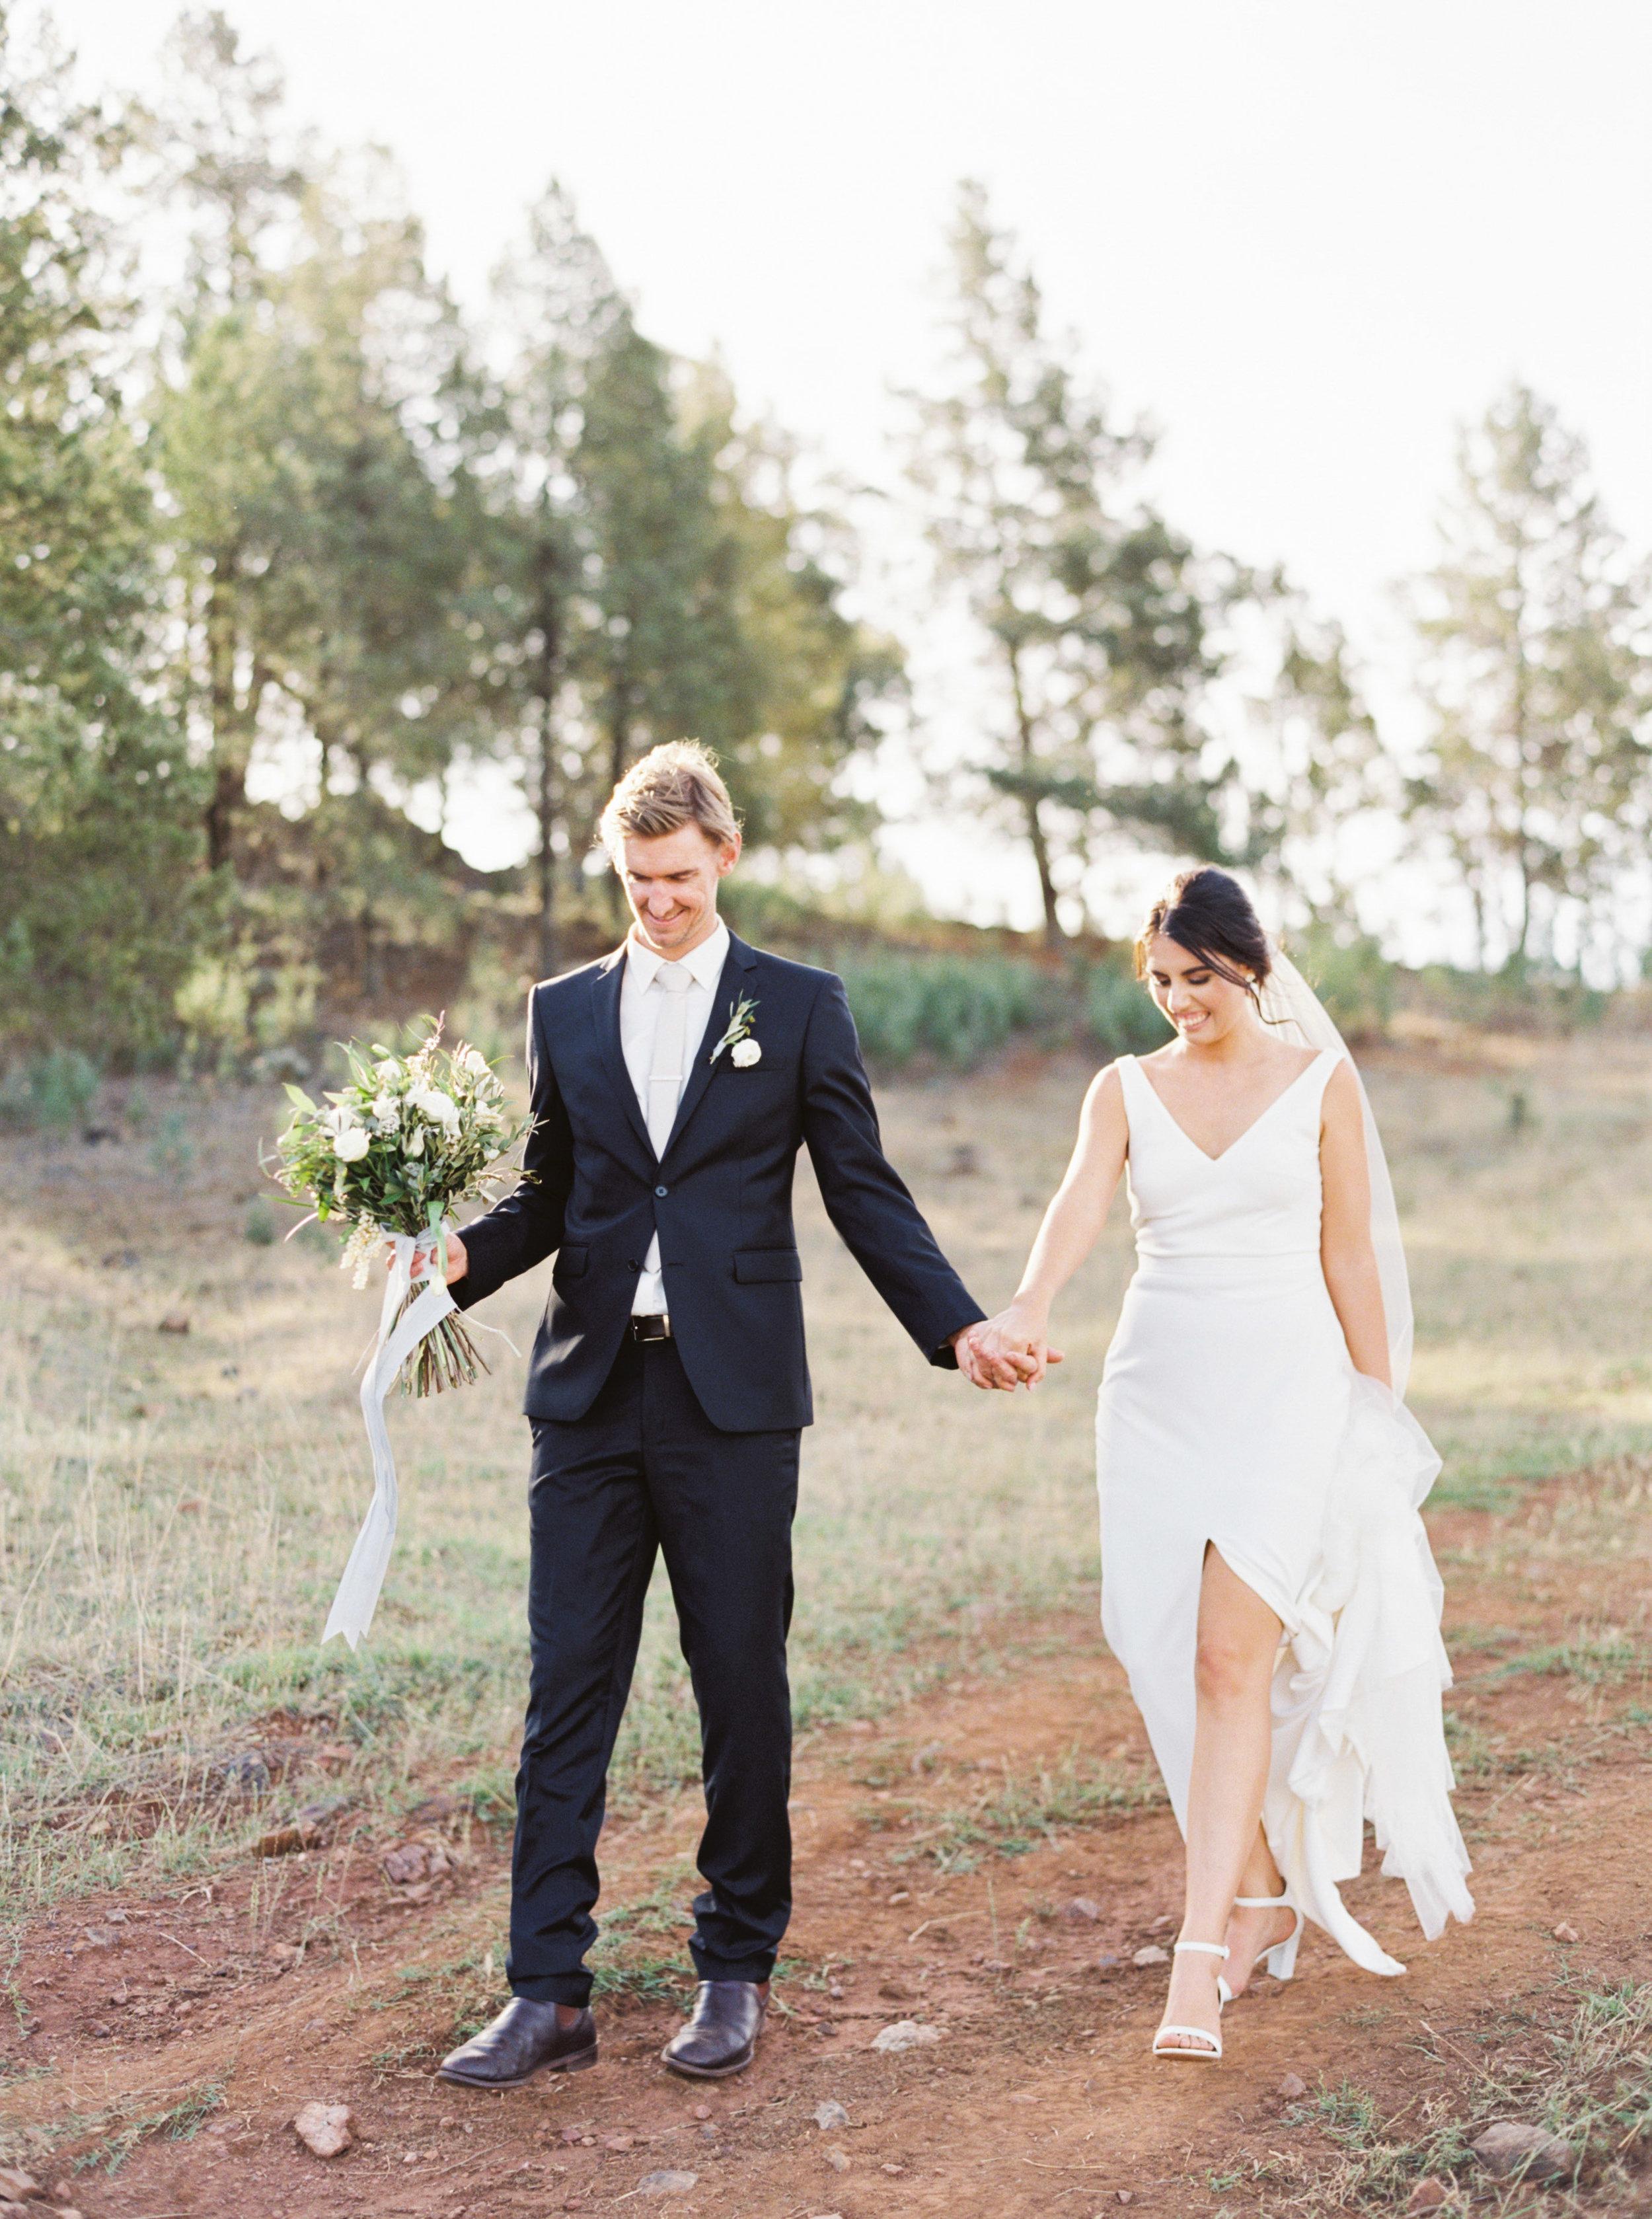 00053- Olive Tree Mediterranean Wedding in Mudgee NSW Australia Fine Art Film Wedding Lifestyle Photographer Sheri McMahon_.jpg